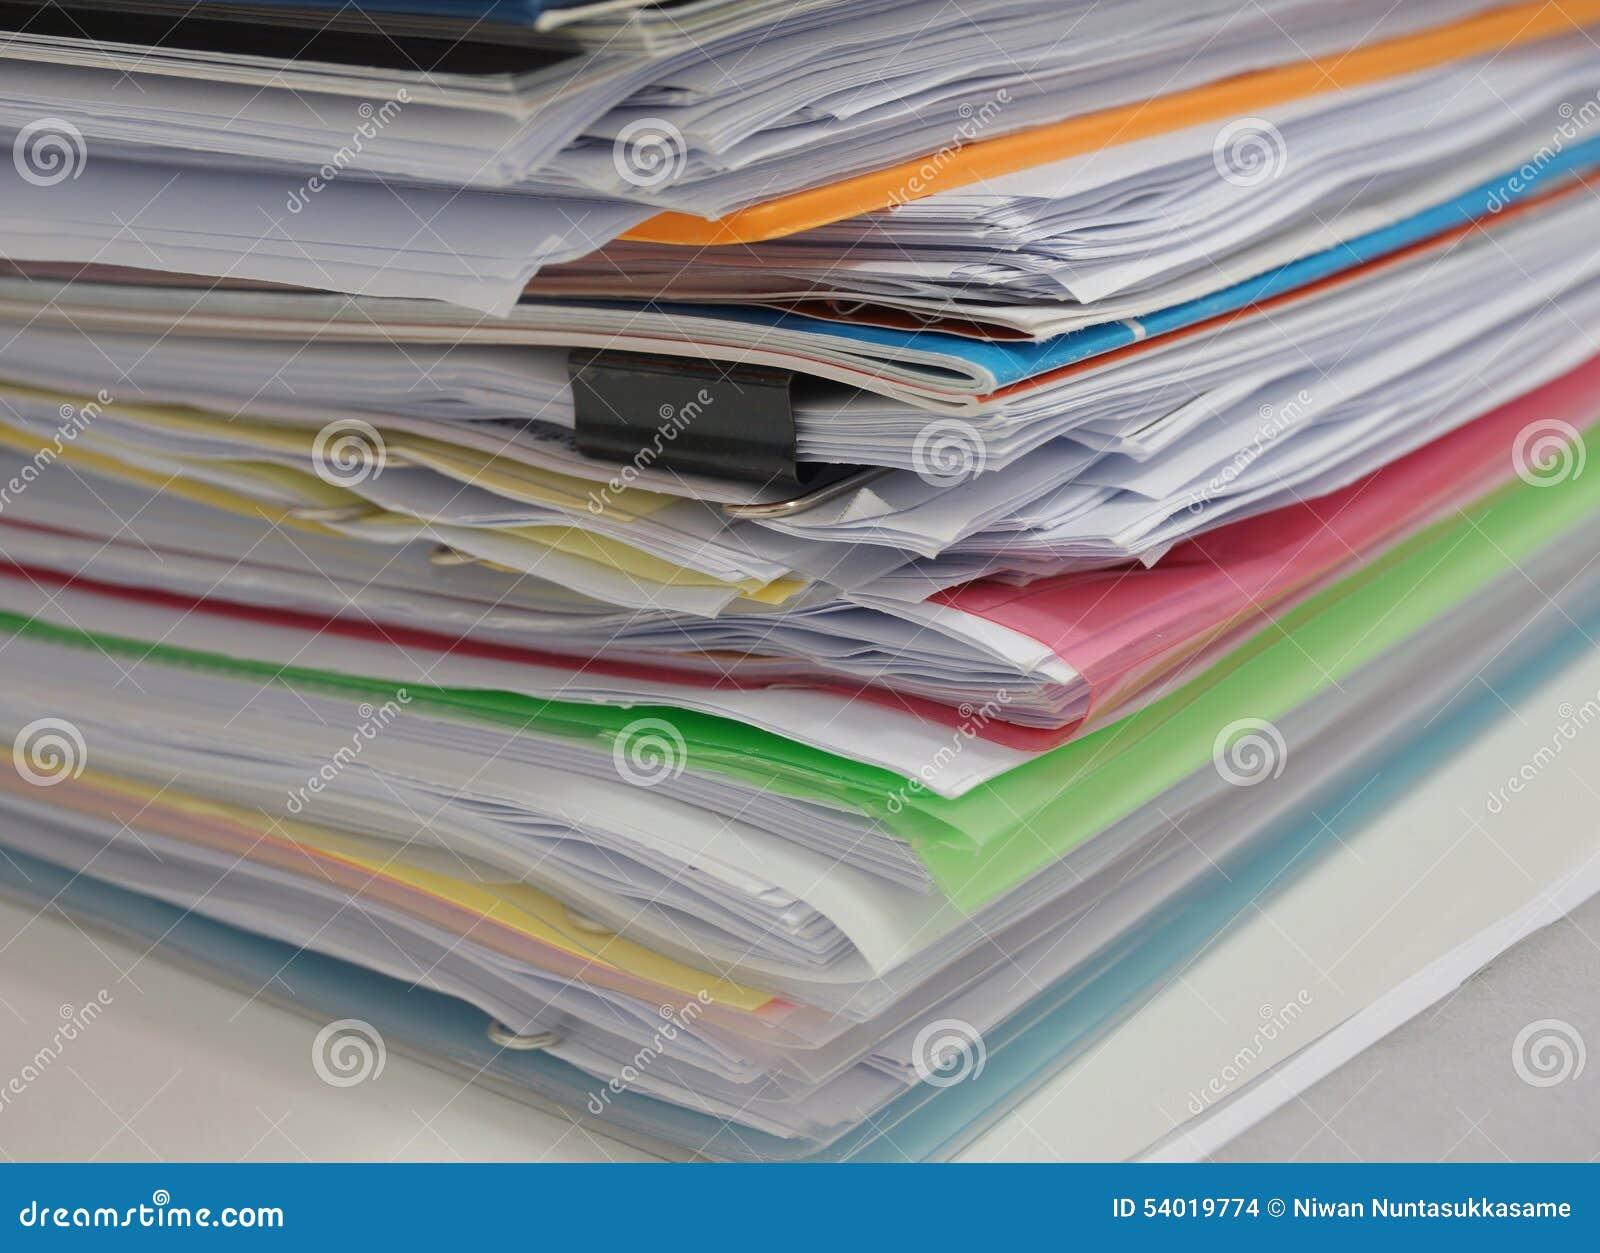 Stapel des Dokuments auf Schreibtisch